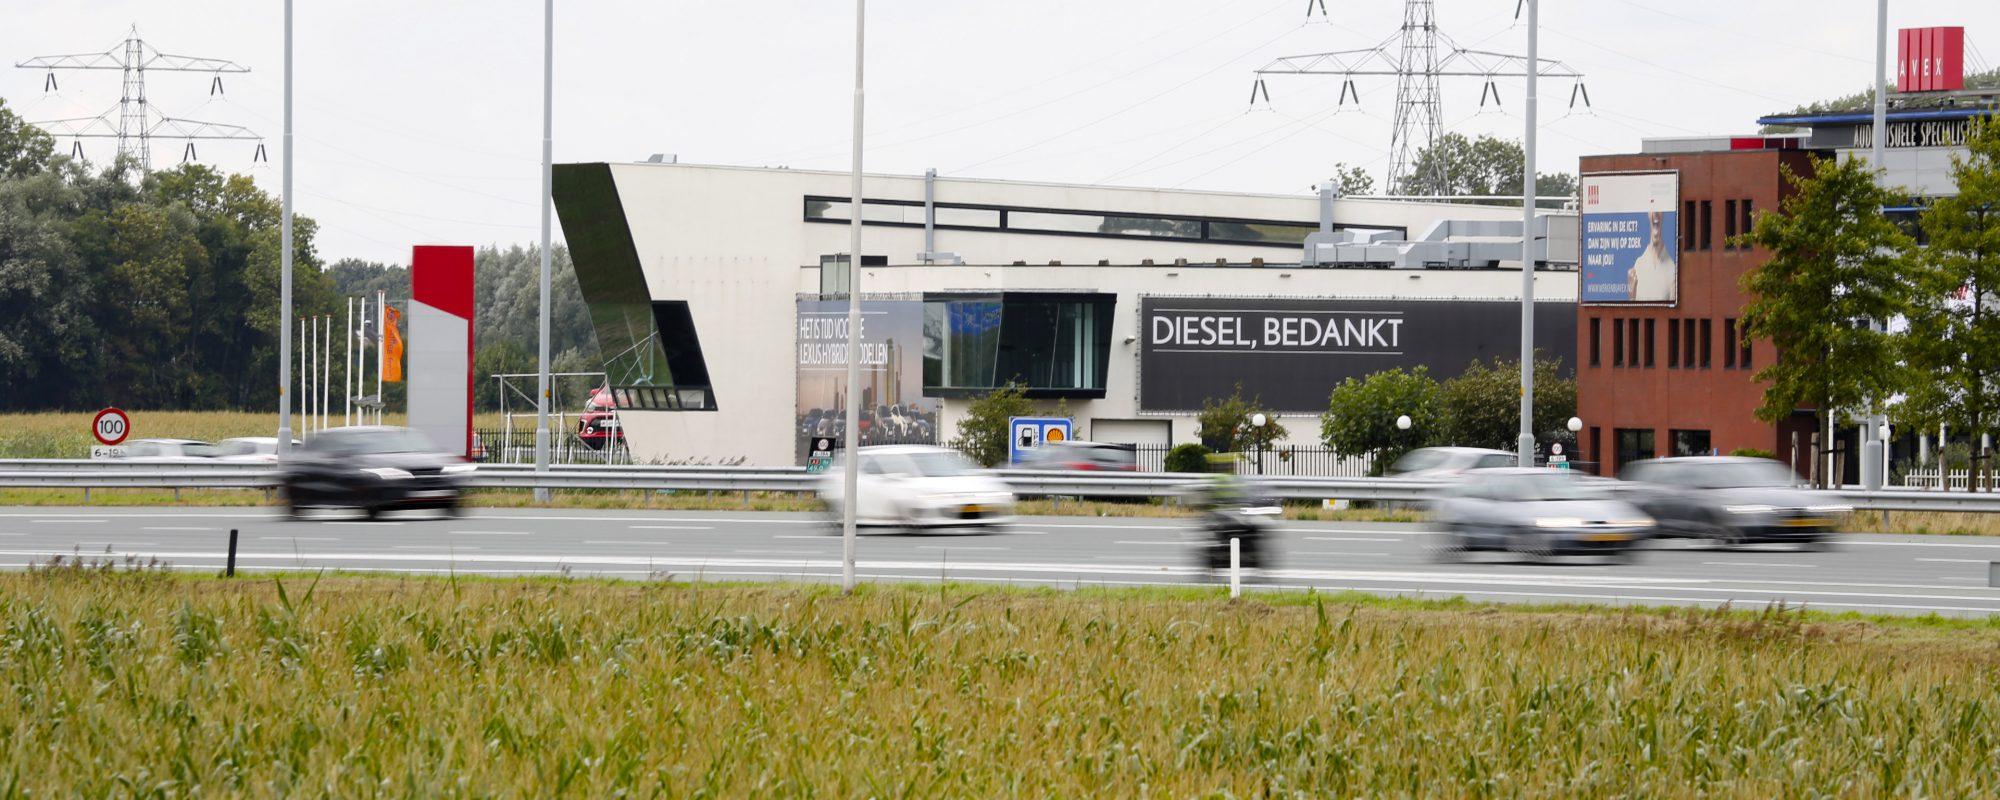 Lexus bedankt diesel met nieuwe campagne